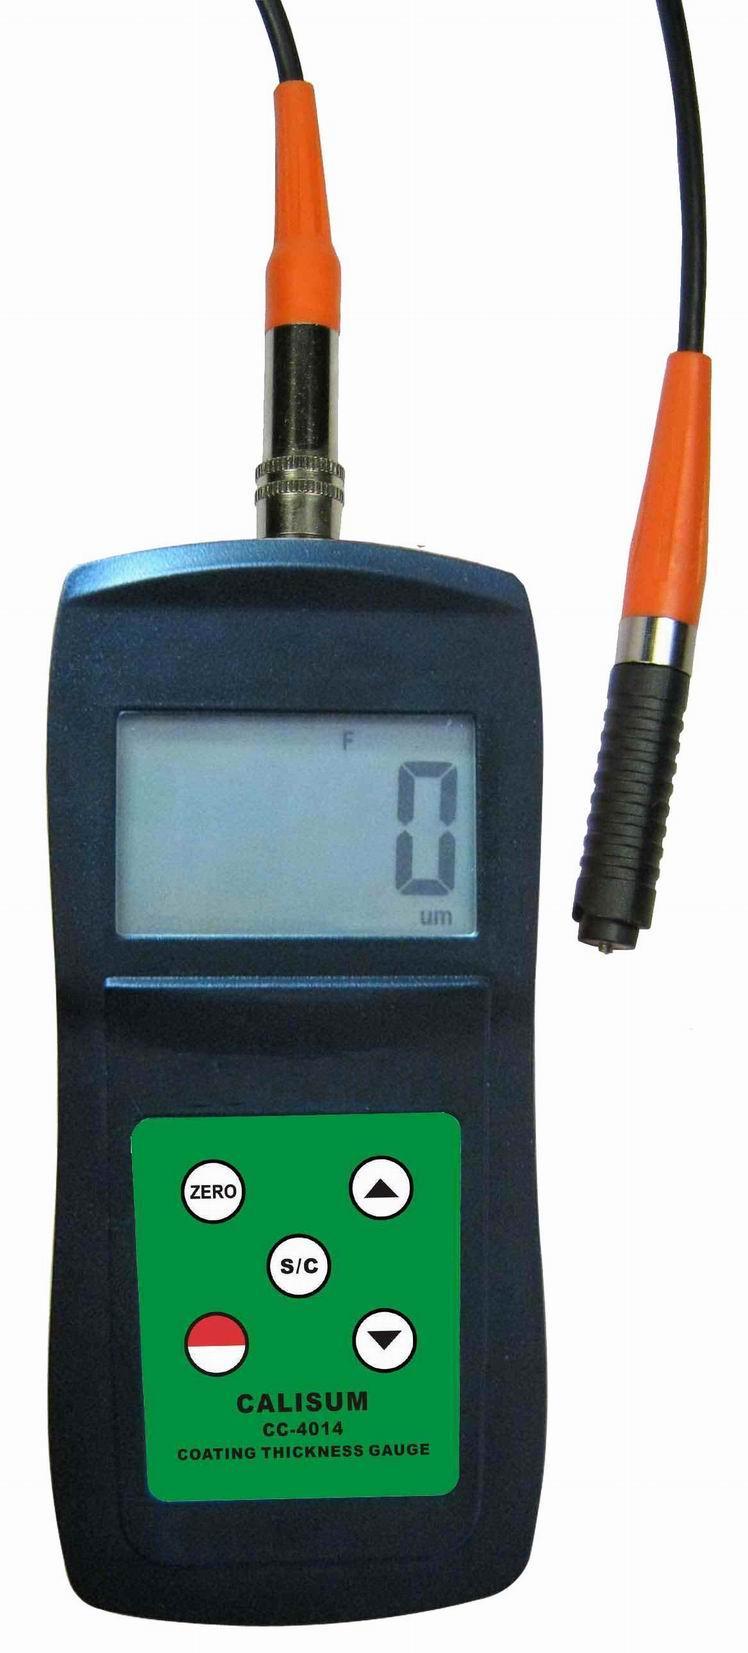 供应安妙仪器卡勒系列涂镀层测厚仪 CC-4014